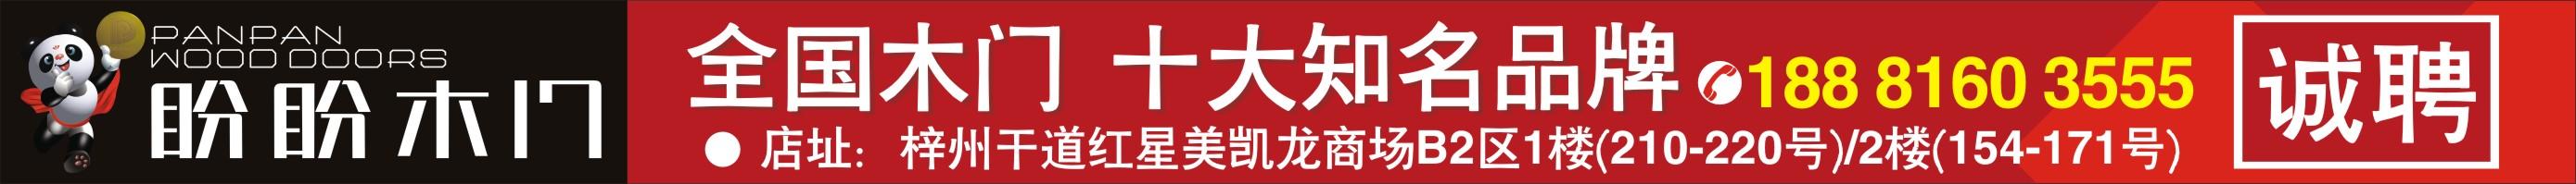 盼盼(门窗)集团澳门威尼斯人赌场官网分公司